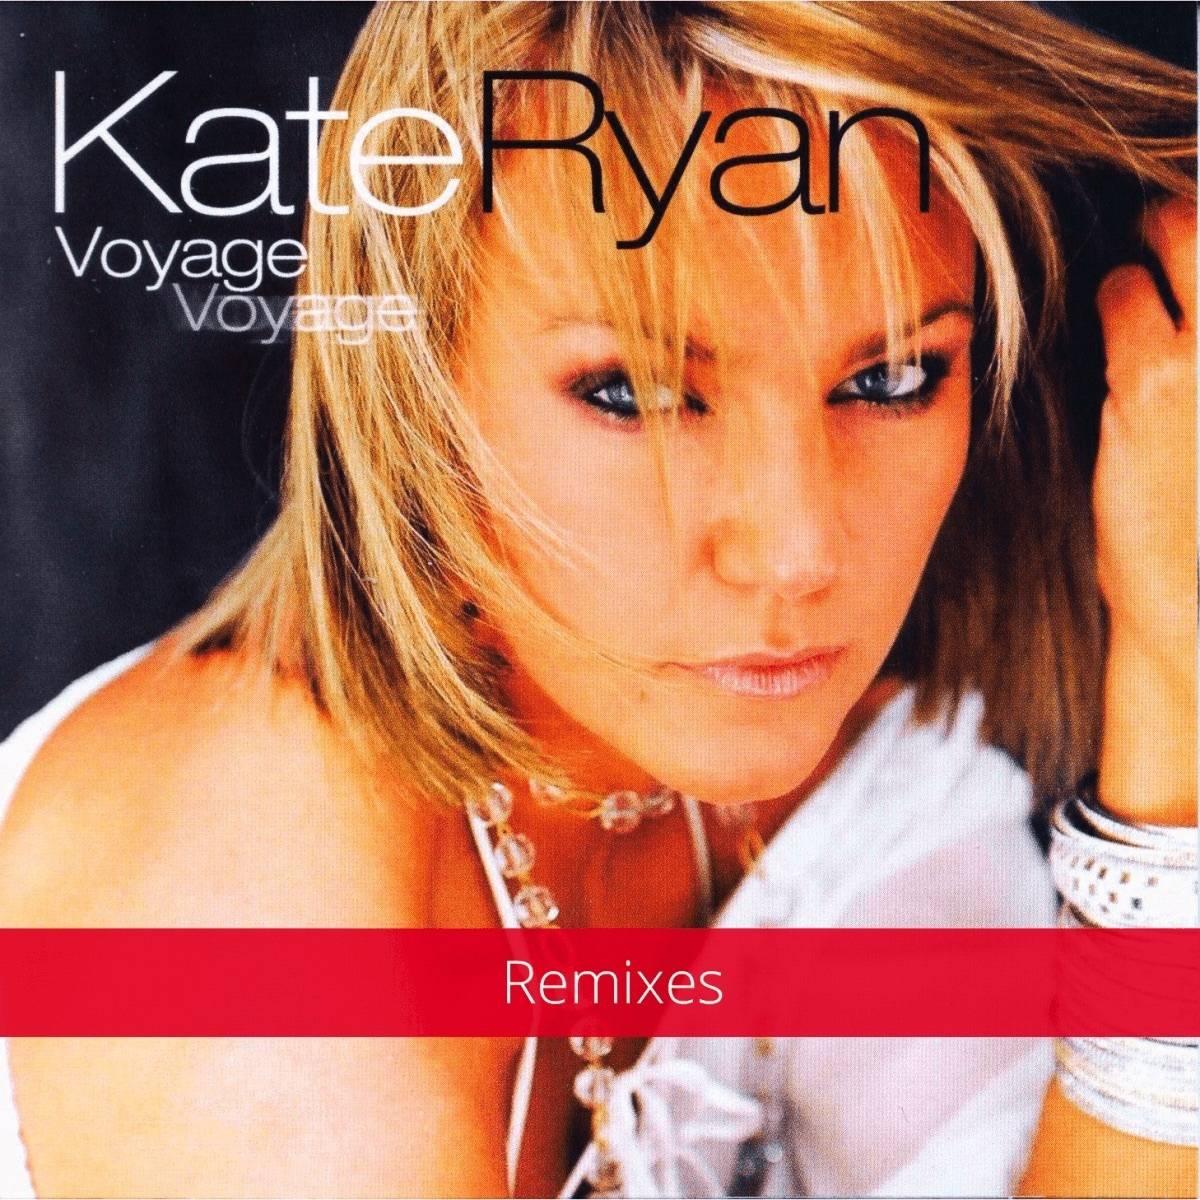 Voyage Voyage – remixes